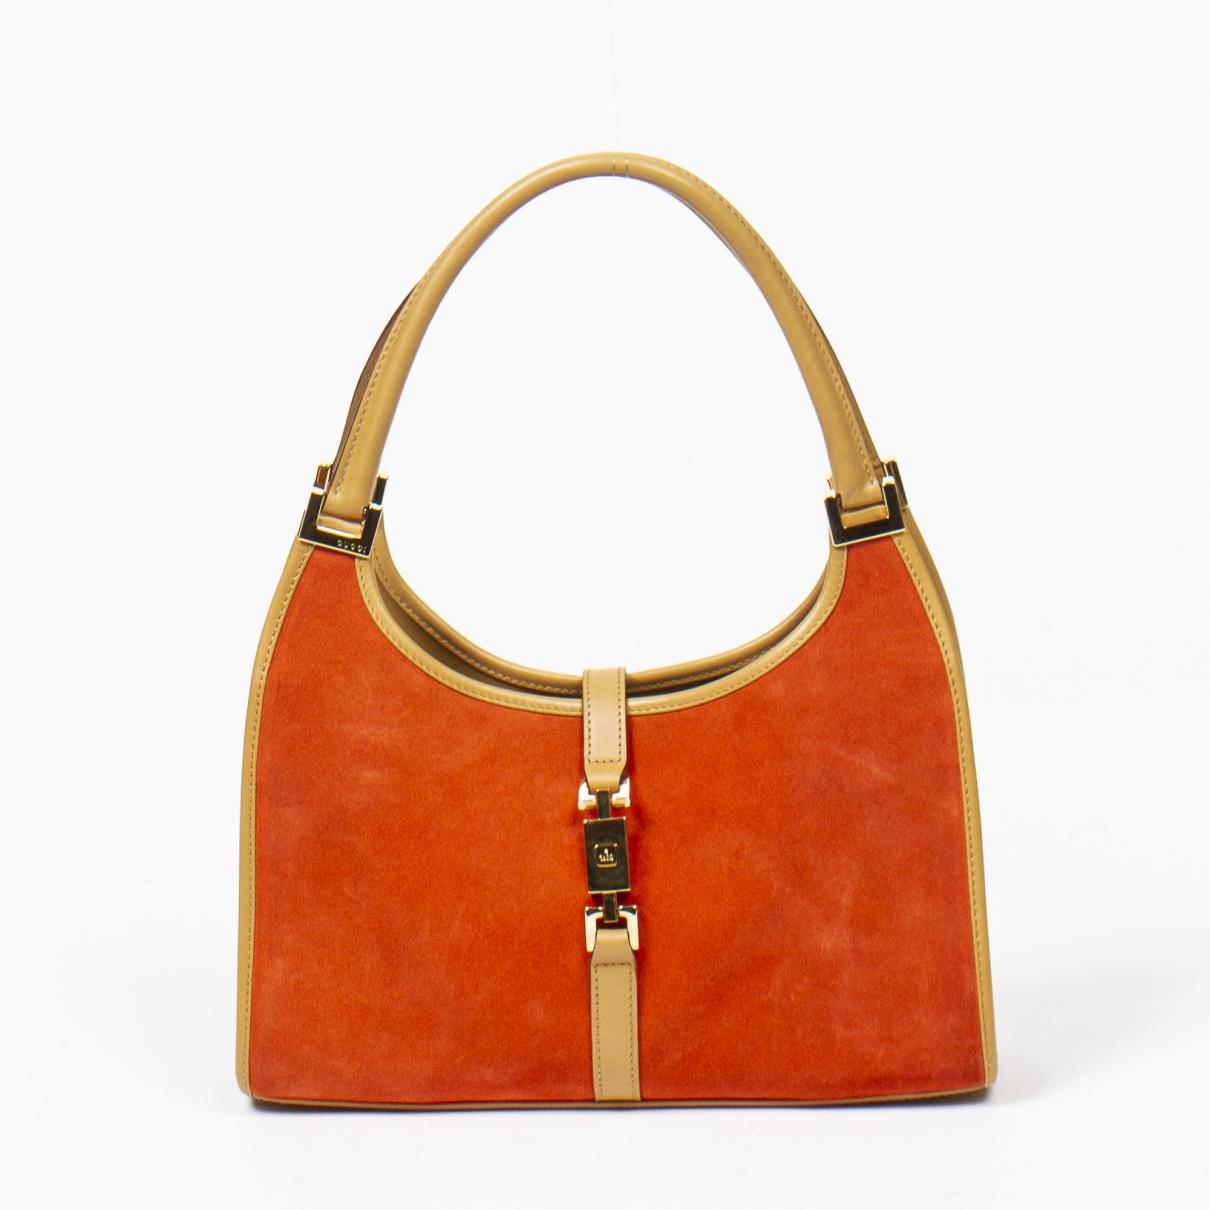 Gucci Jackie Handtasche in Leder